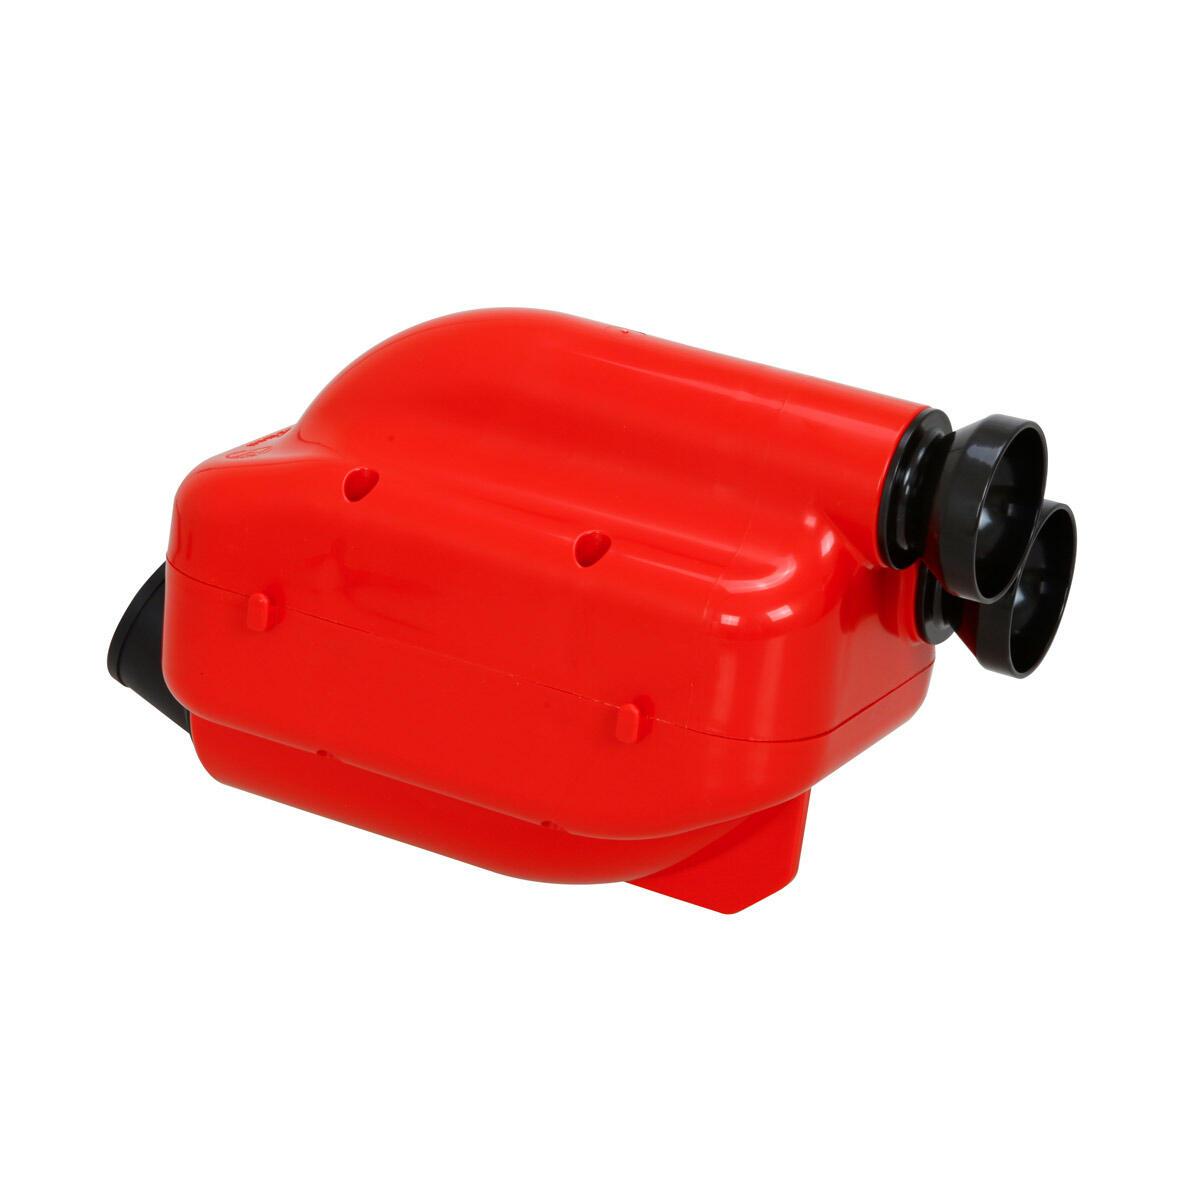 NOX2 Noise Filter air fliterD.30mm Red/Black (KZ-KZ2) AIRBOX